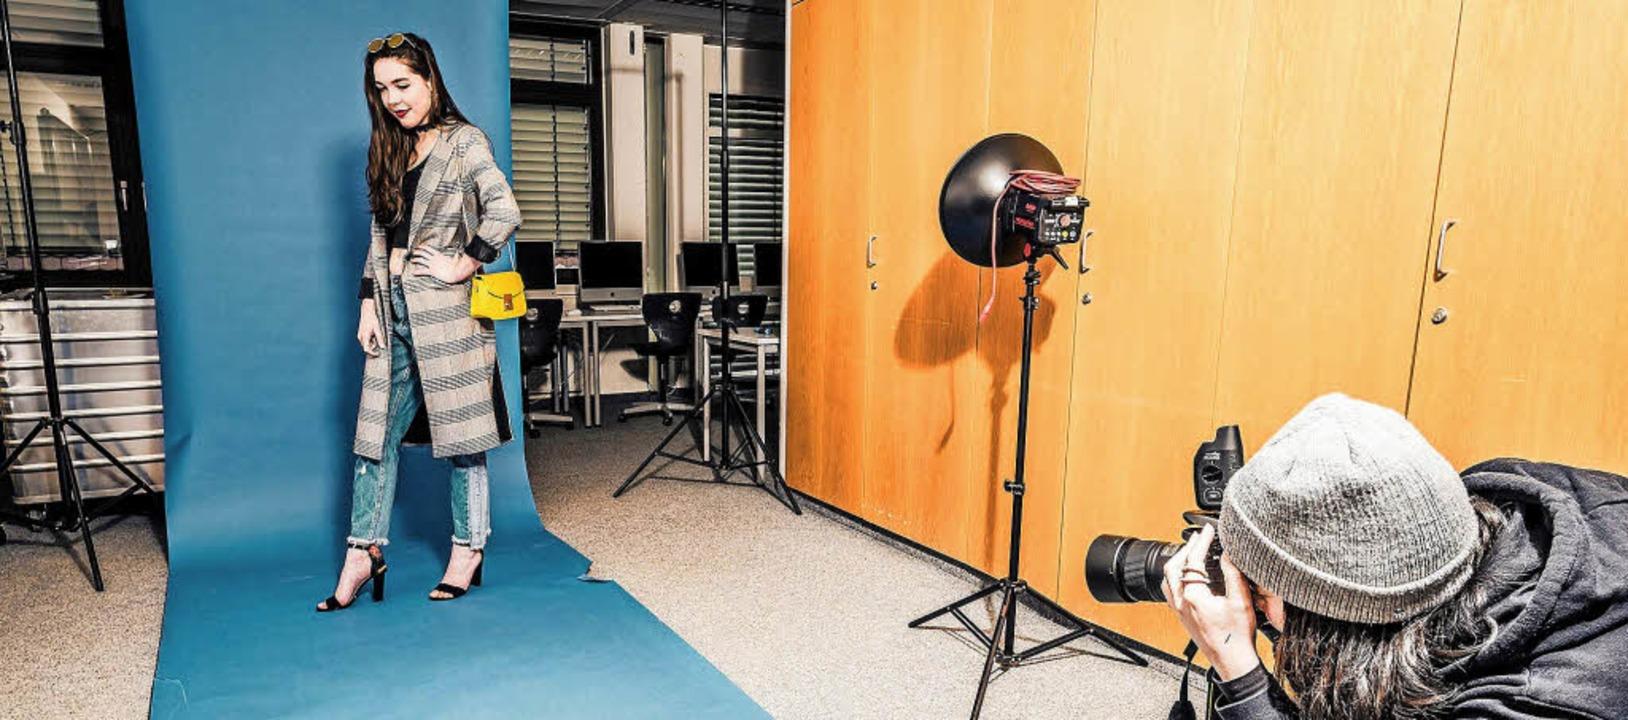 Schülerinnen und Schüler des Berufskol...-Design übten sich beim Fotoshooting.   | Foto: Stefan Johnen